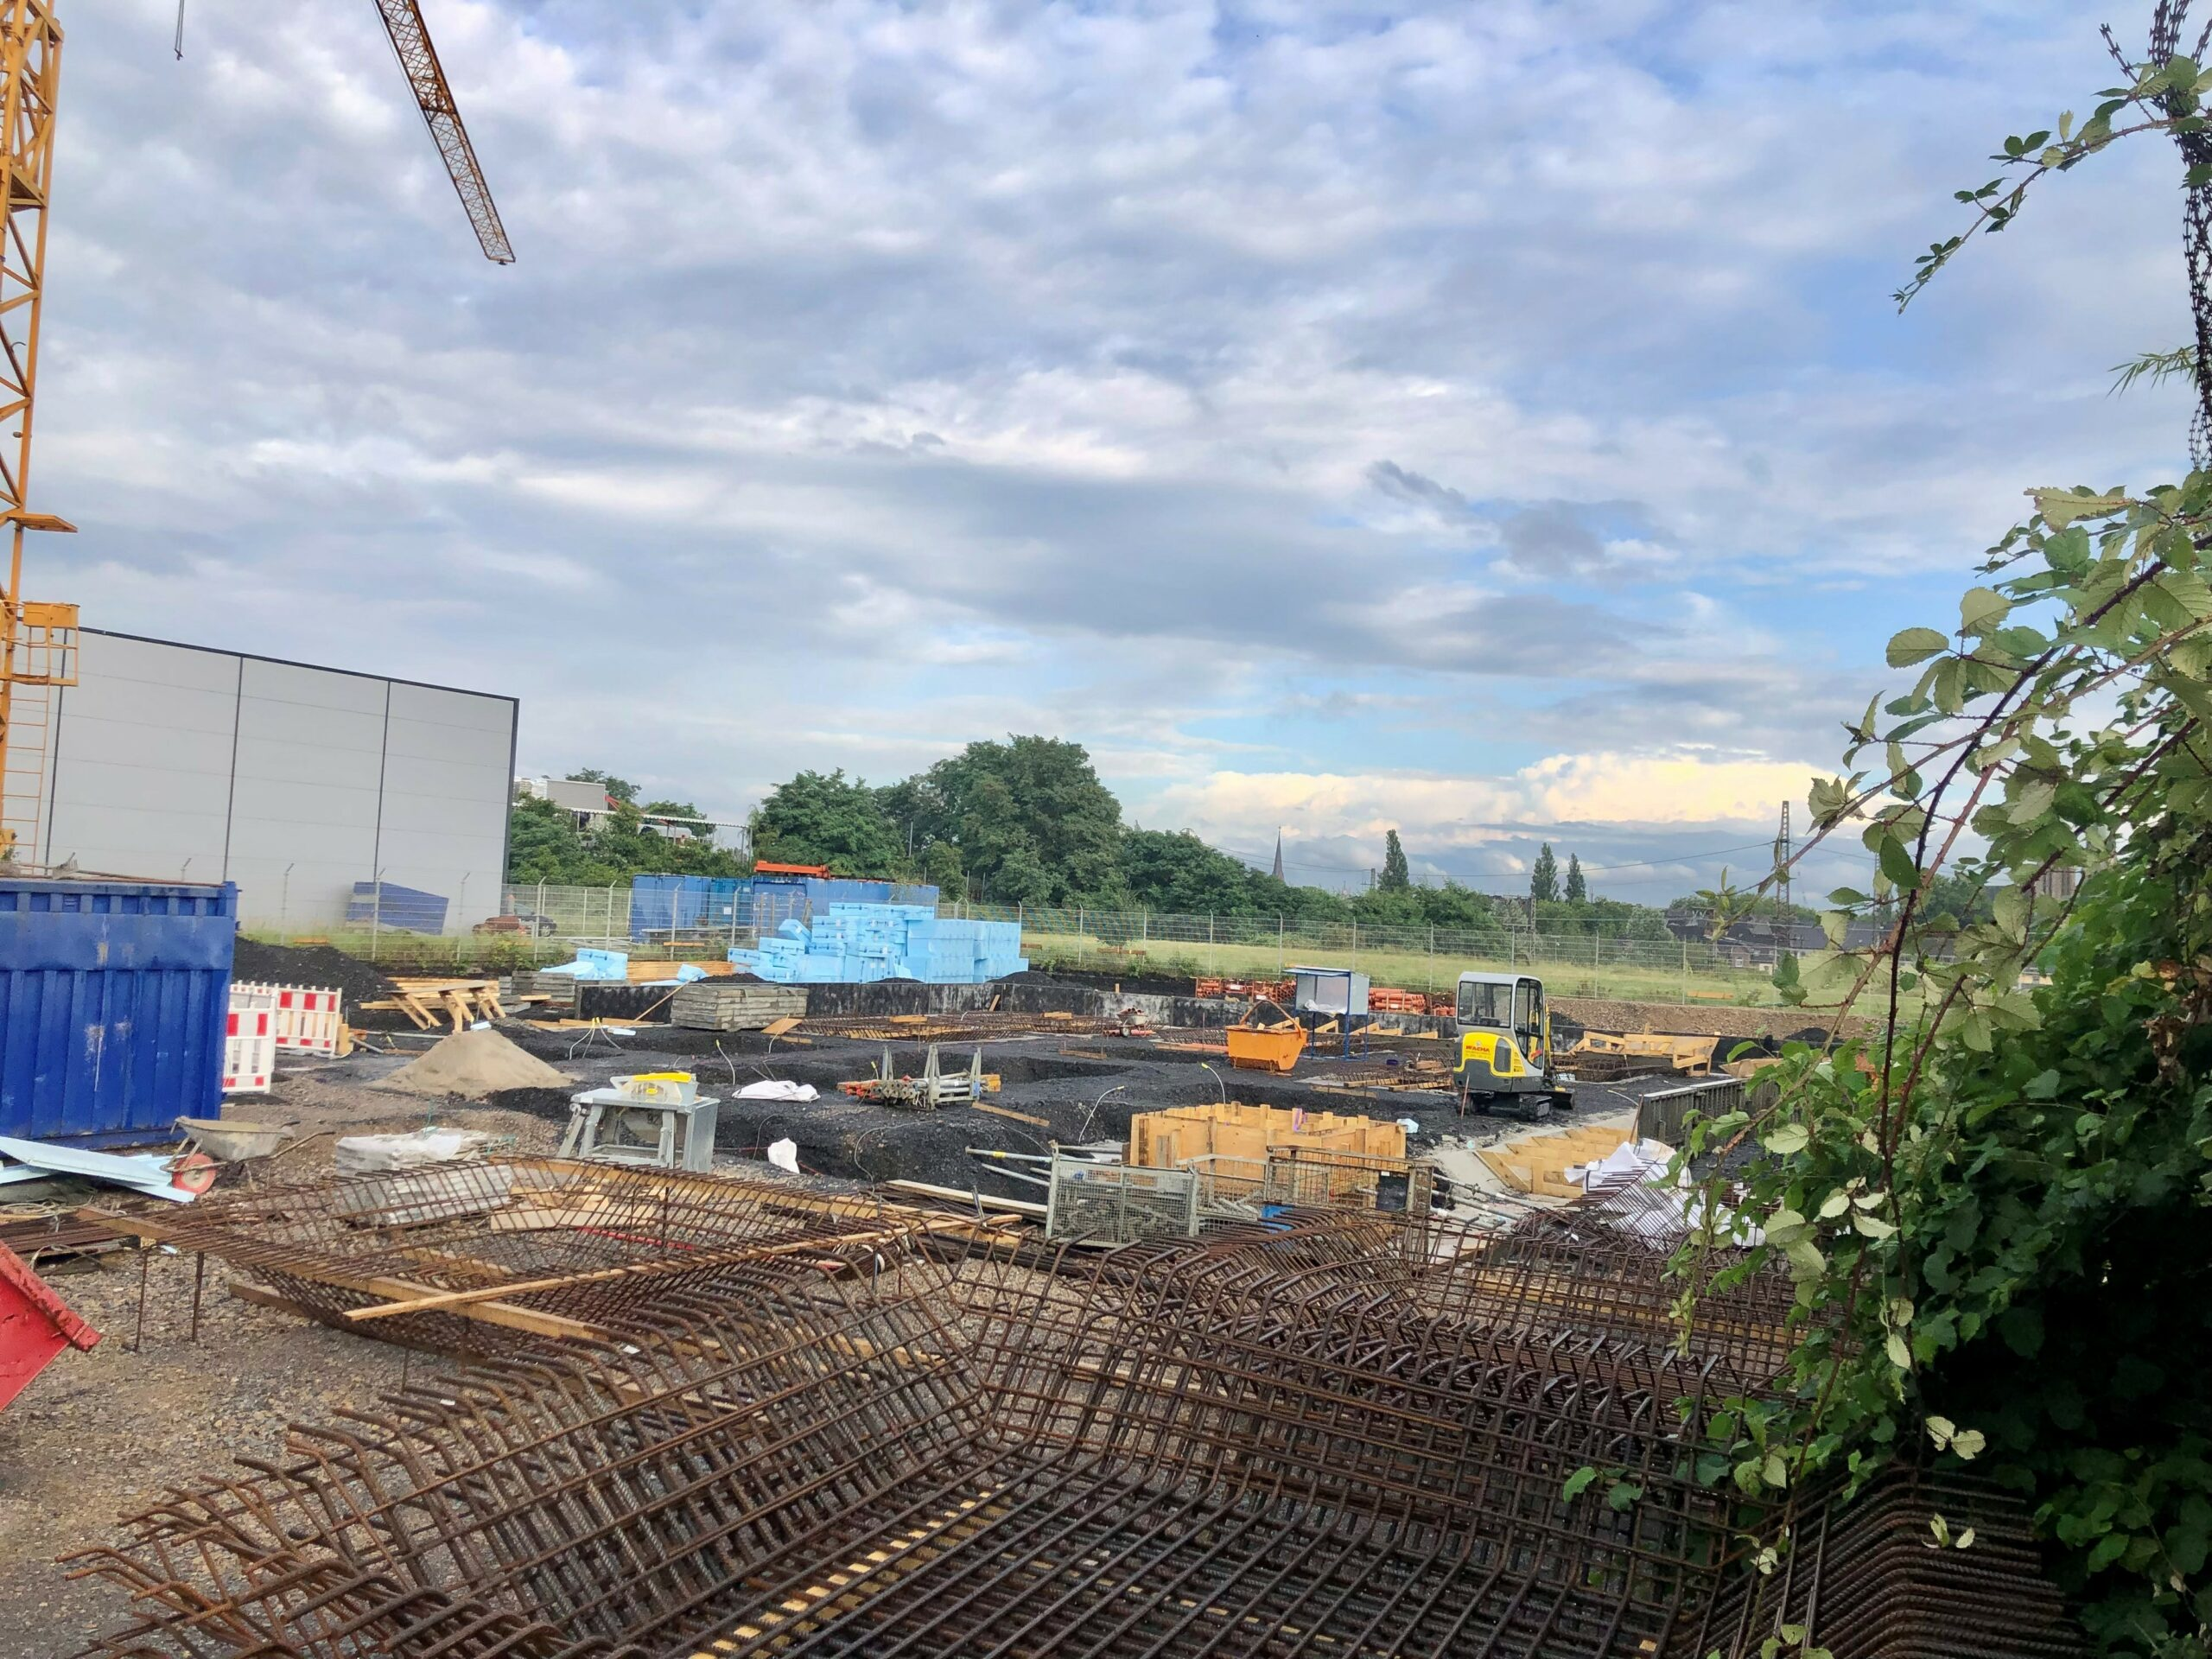 Fundamente für Büro und Kita Giraffenland in der Herstellung